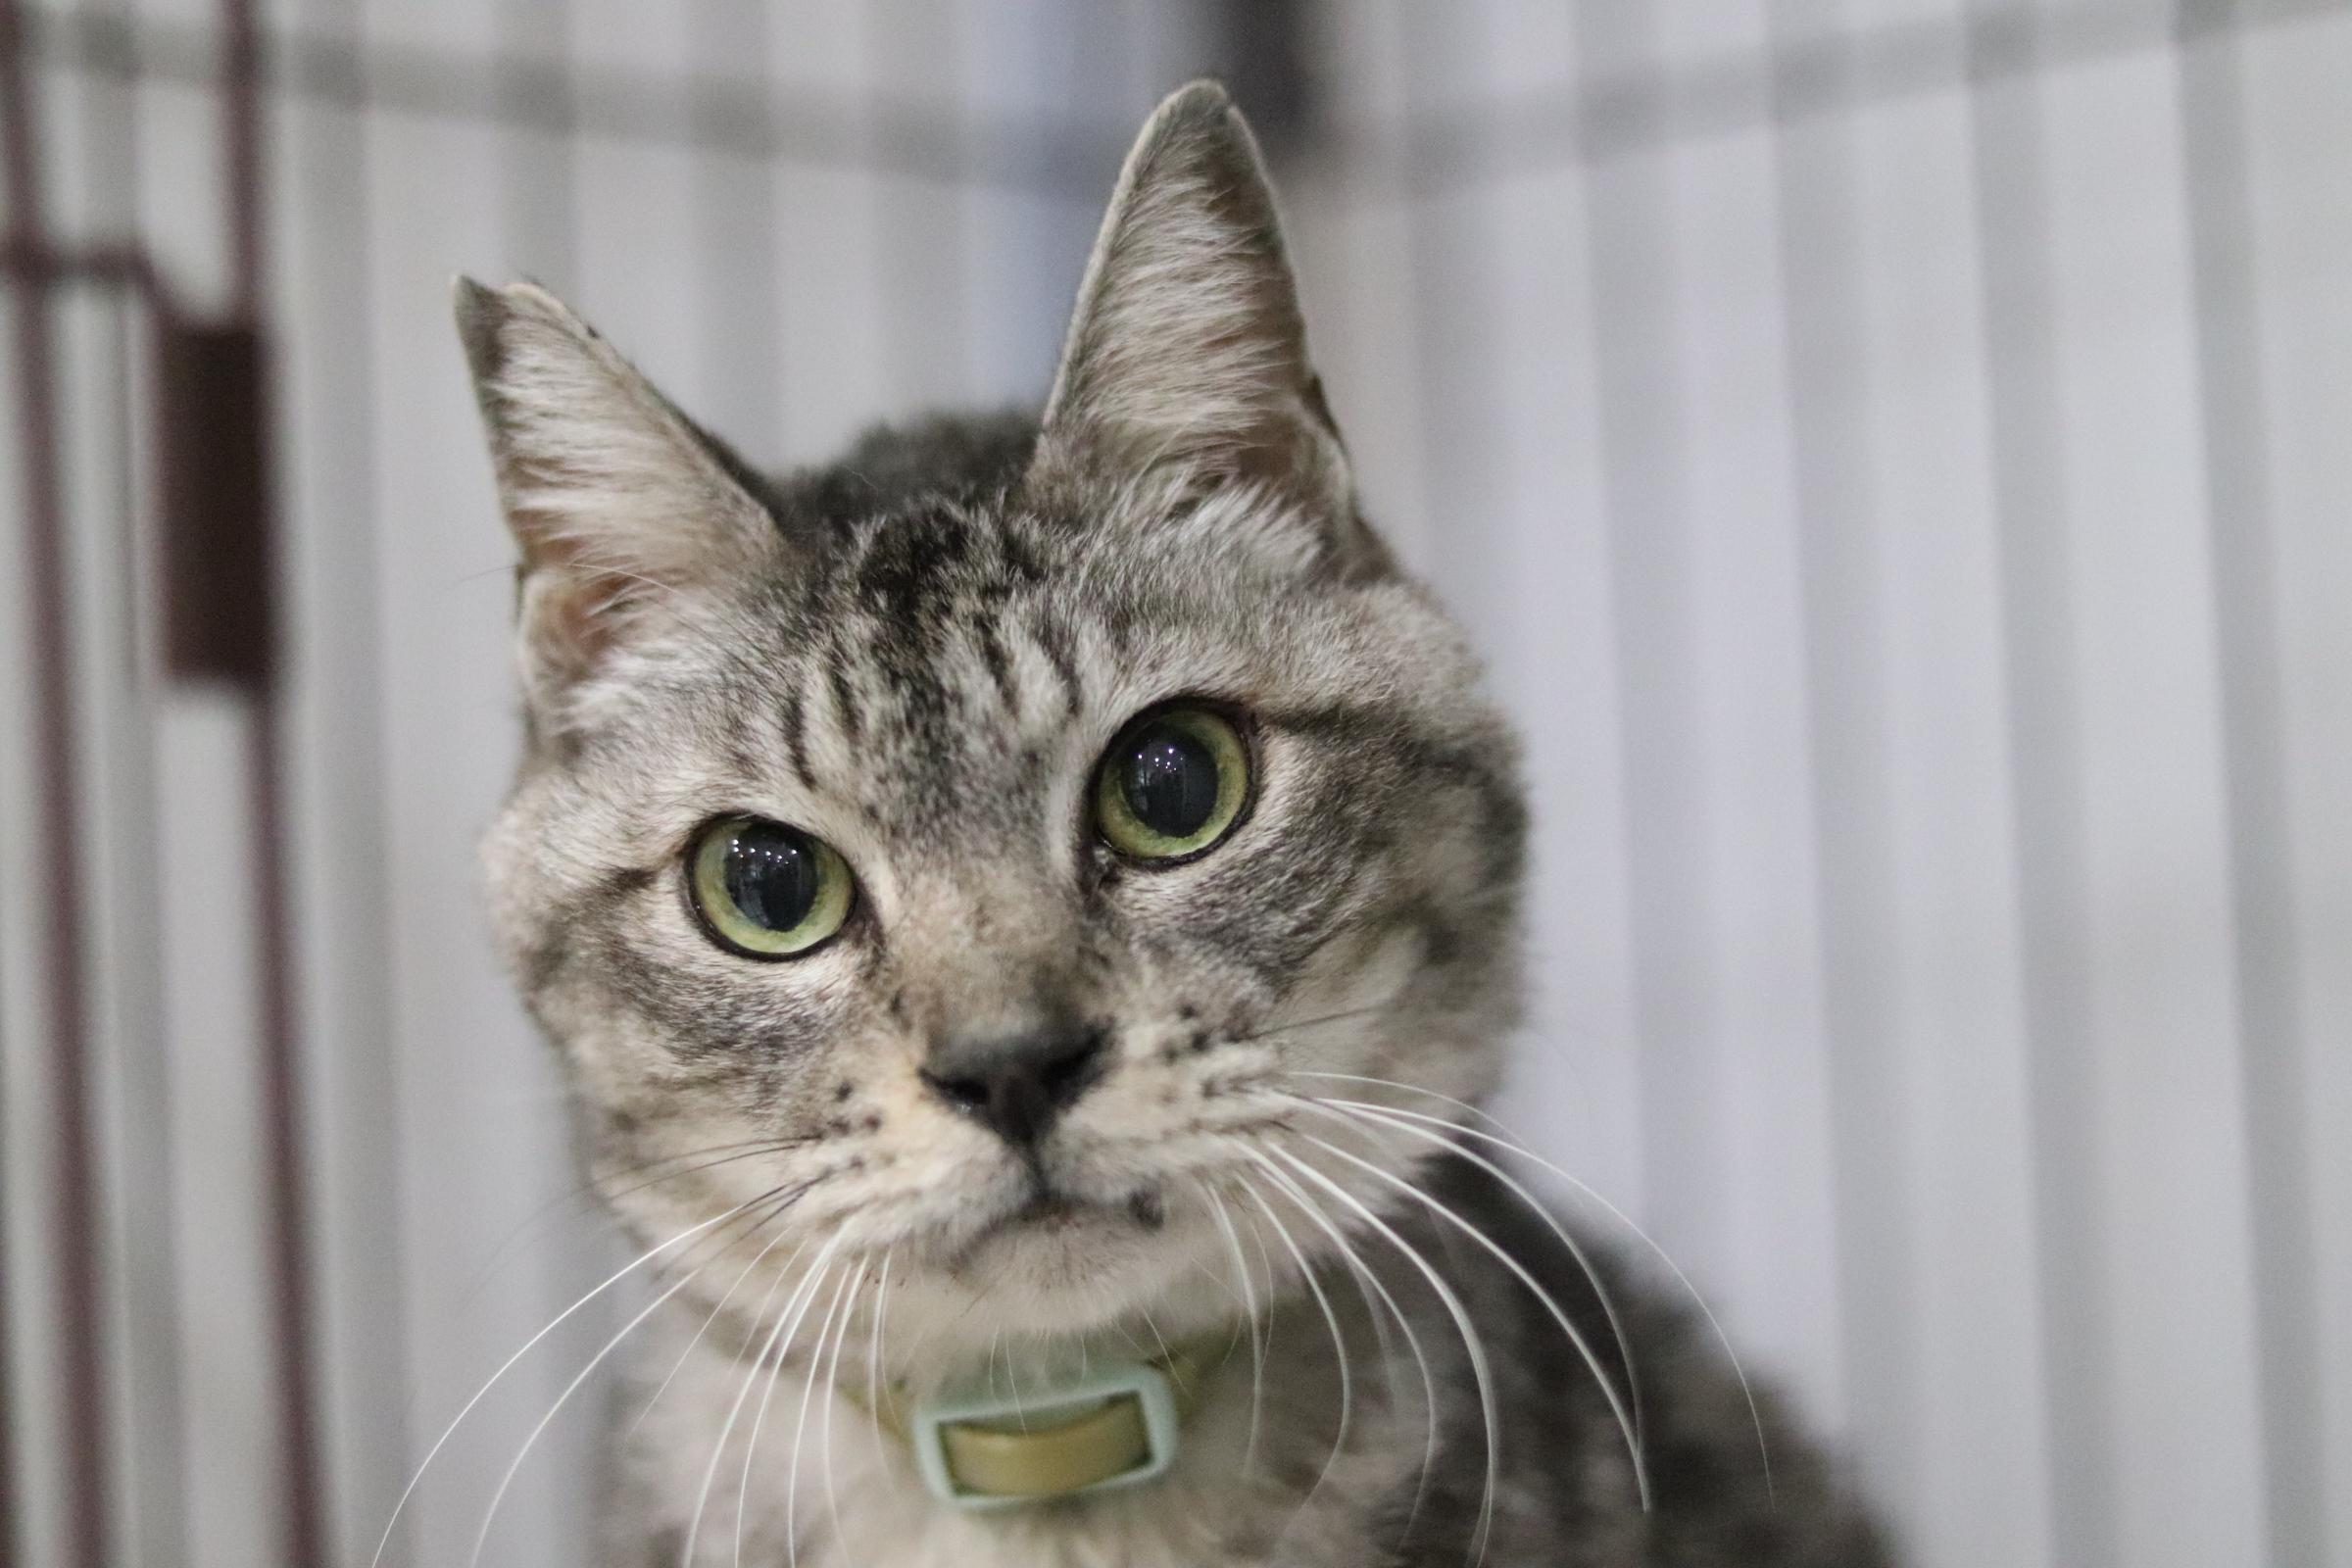 <ul> <li>猫種:日本猫</li> <li>性別:男の子</li> <li>名前:グレー</li> <li>年齢:2005〜2006年生まれ</li> <li>保護経緯:飼い主の病気療養のため飼育困難</li> </ul>